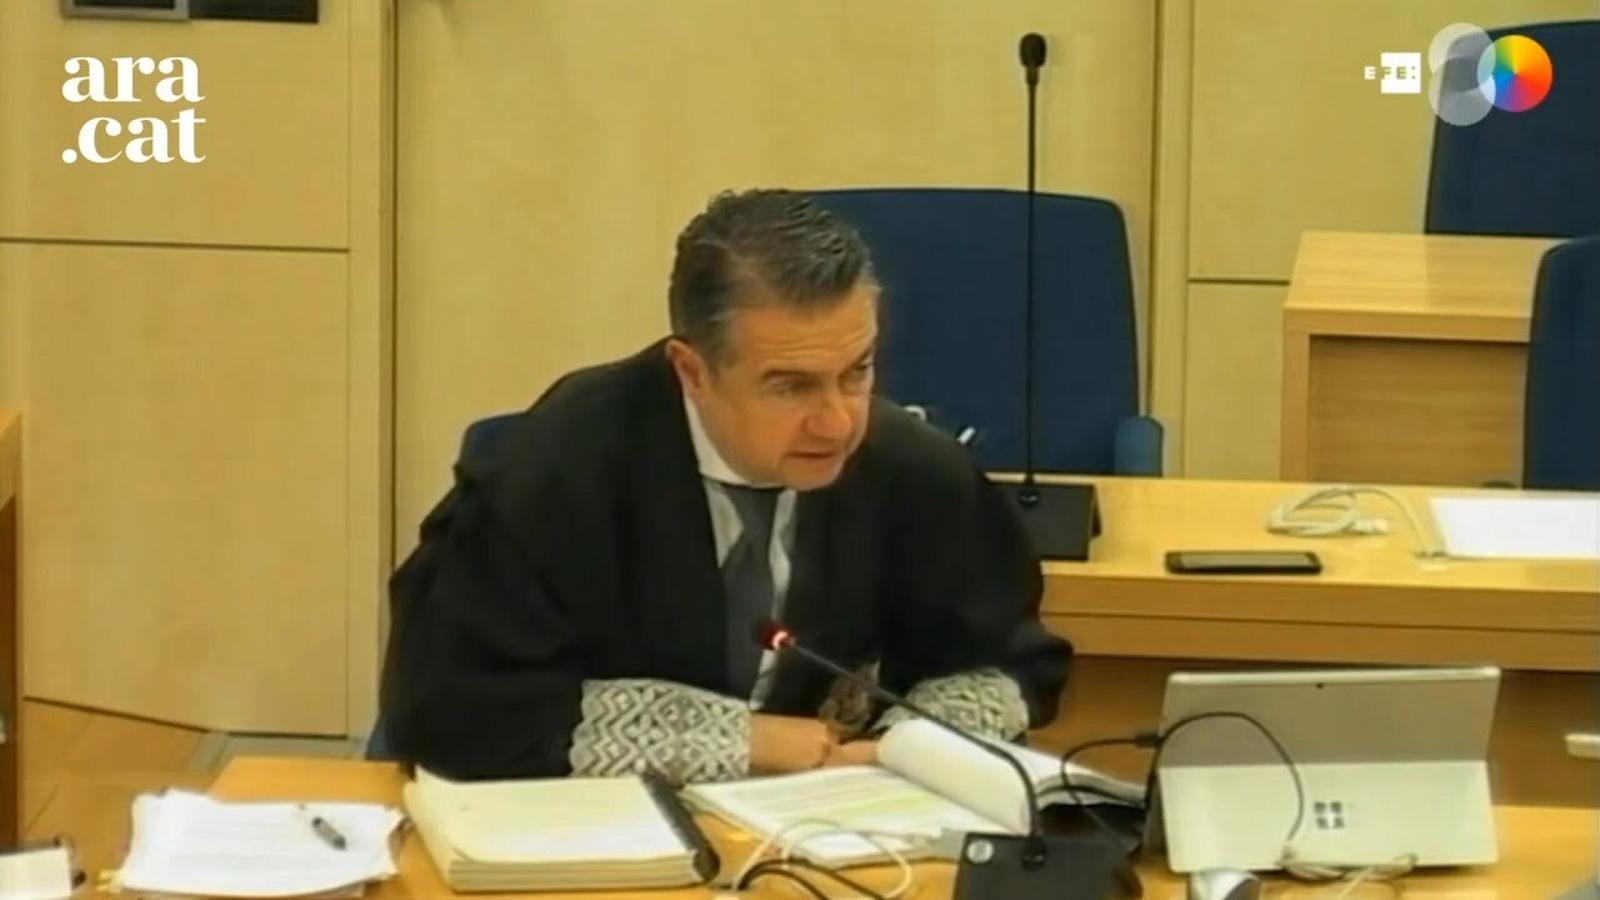 La confusió lingüística del fiscal quan intenta traduir 'ja' durant l'interrogatori de Trapero